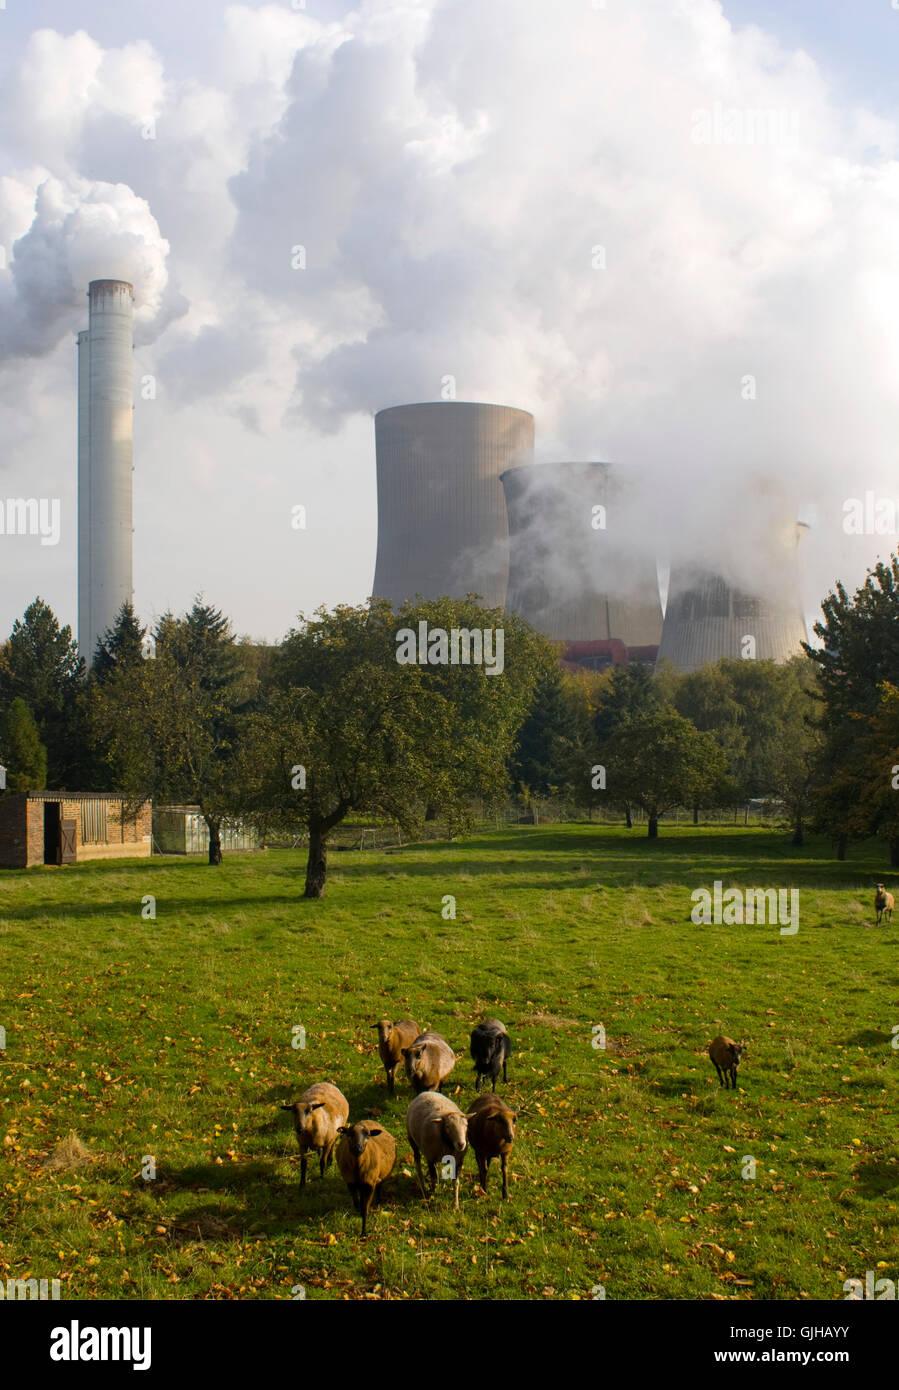 BRD, Deutschland, NRW, Bergheim, Auenheim, Blick auf das RWE Kraftwerk Niederaußem, RWE-Power. Das Kraftwerk - Stock Image